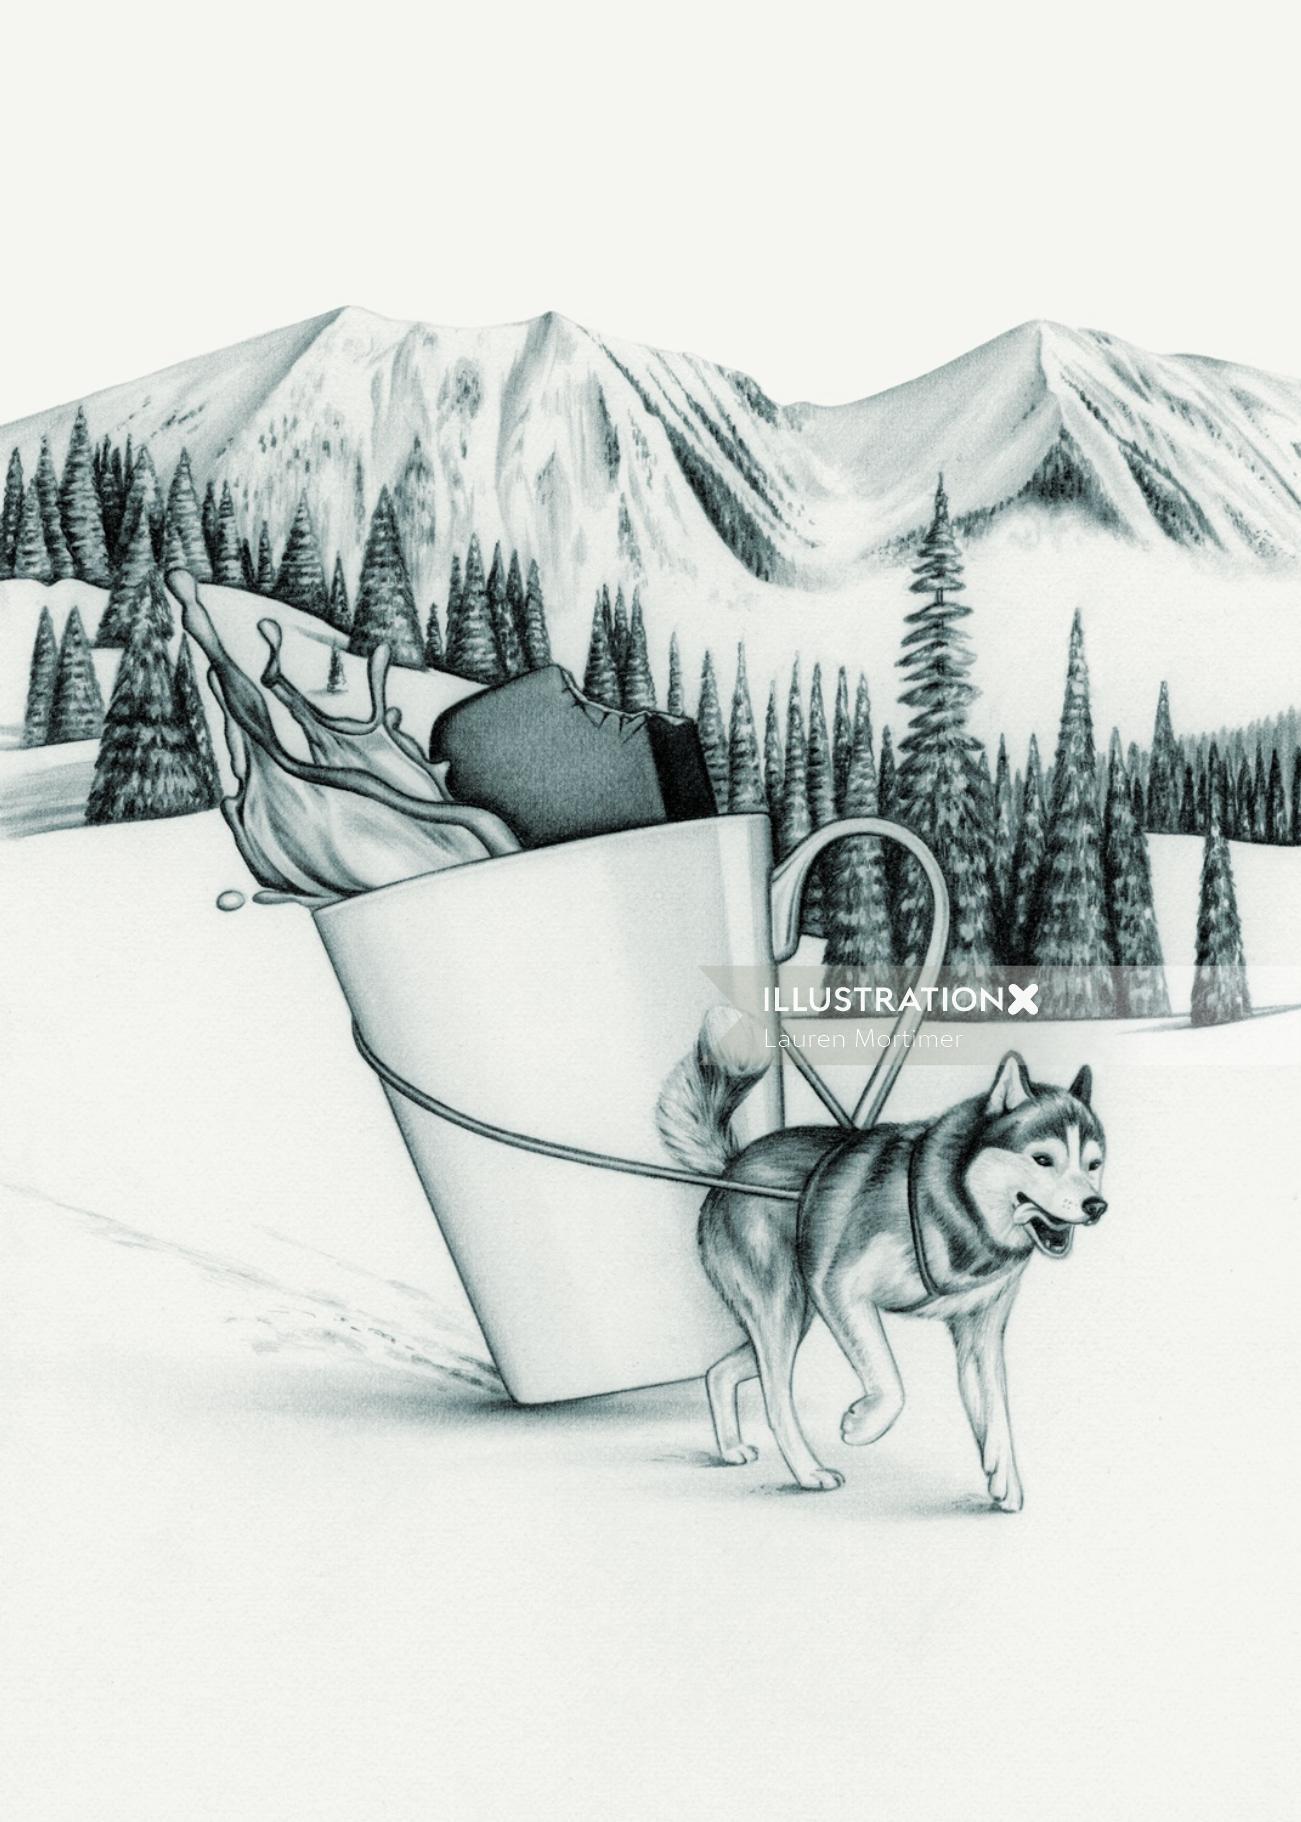 Dog carrying wtaer mug